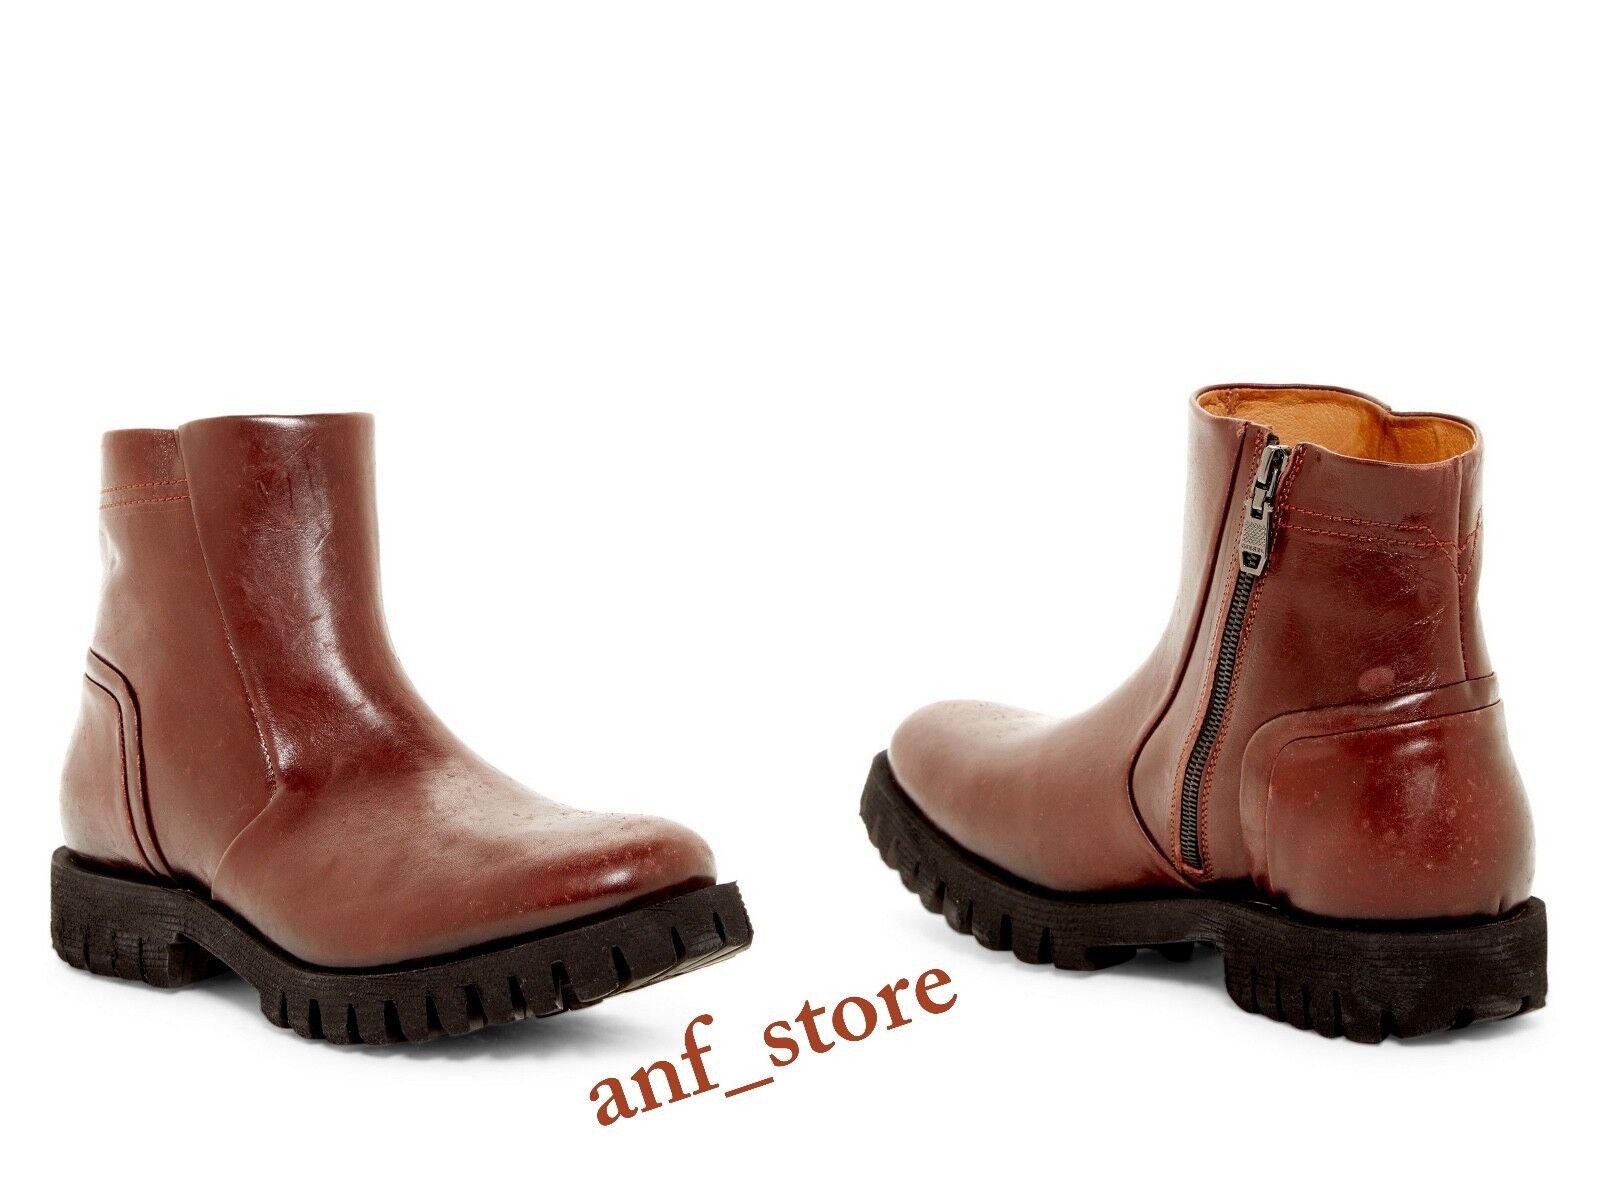 NIB Diesel Kross Uomo D-Line -Sherlock Uomo Kross Pelle BOOTS Shoes BROWN 12  295